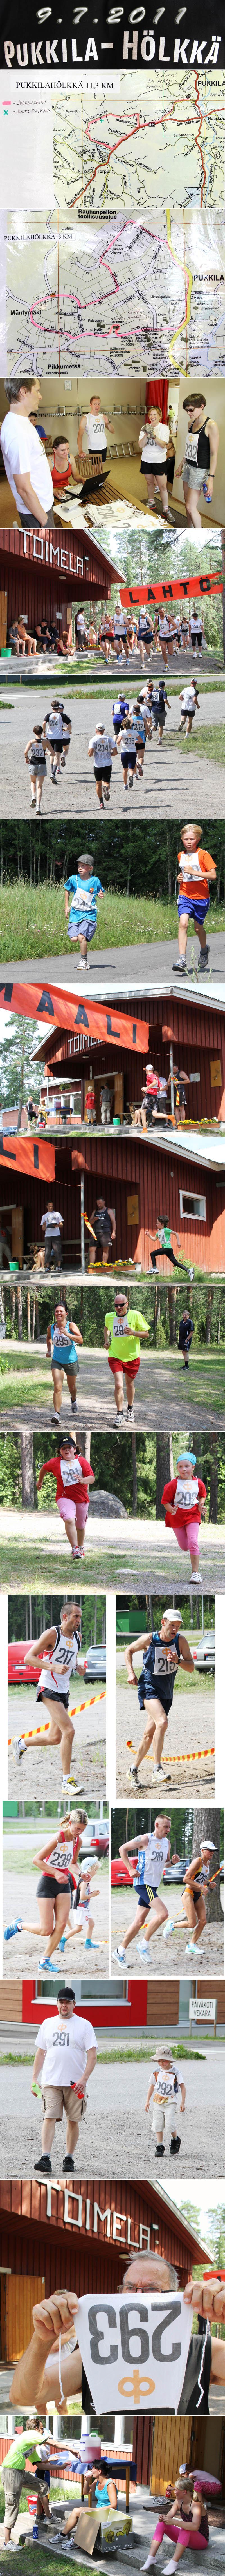 Pukkila-holkka_2011